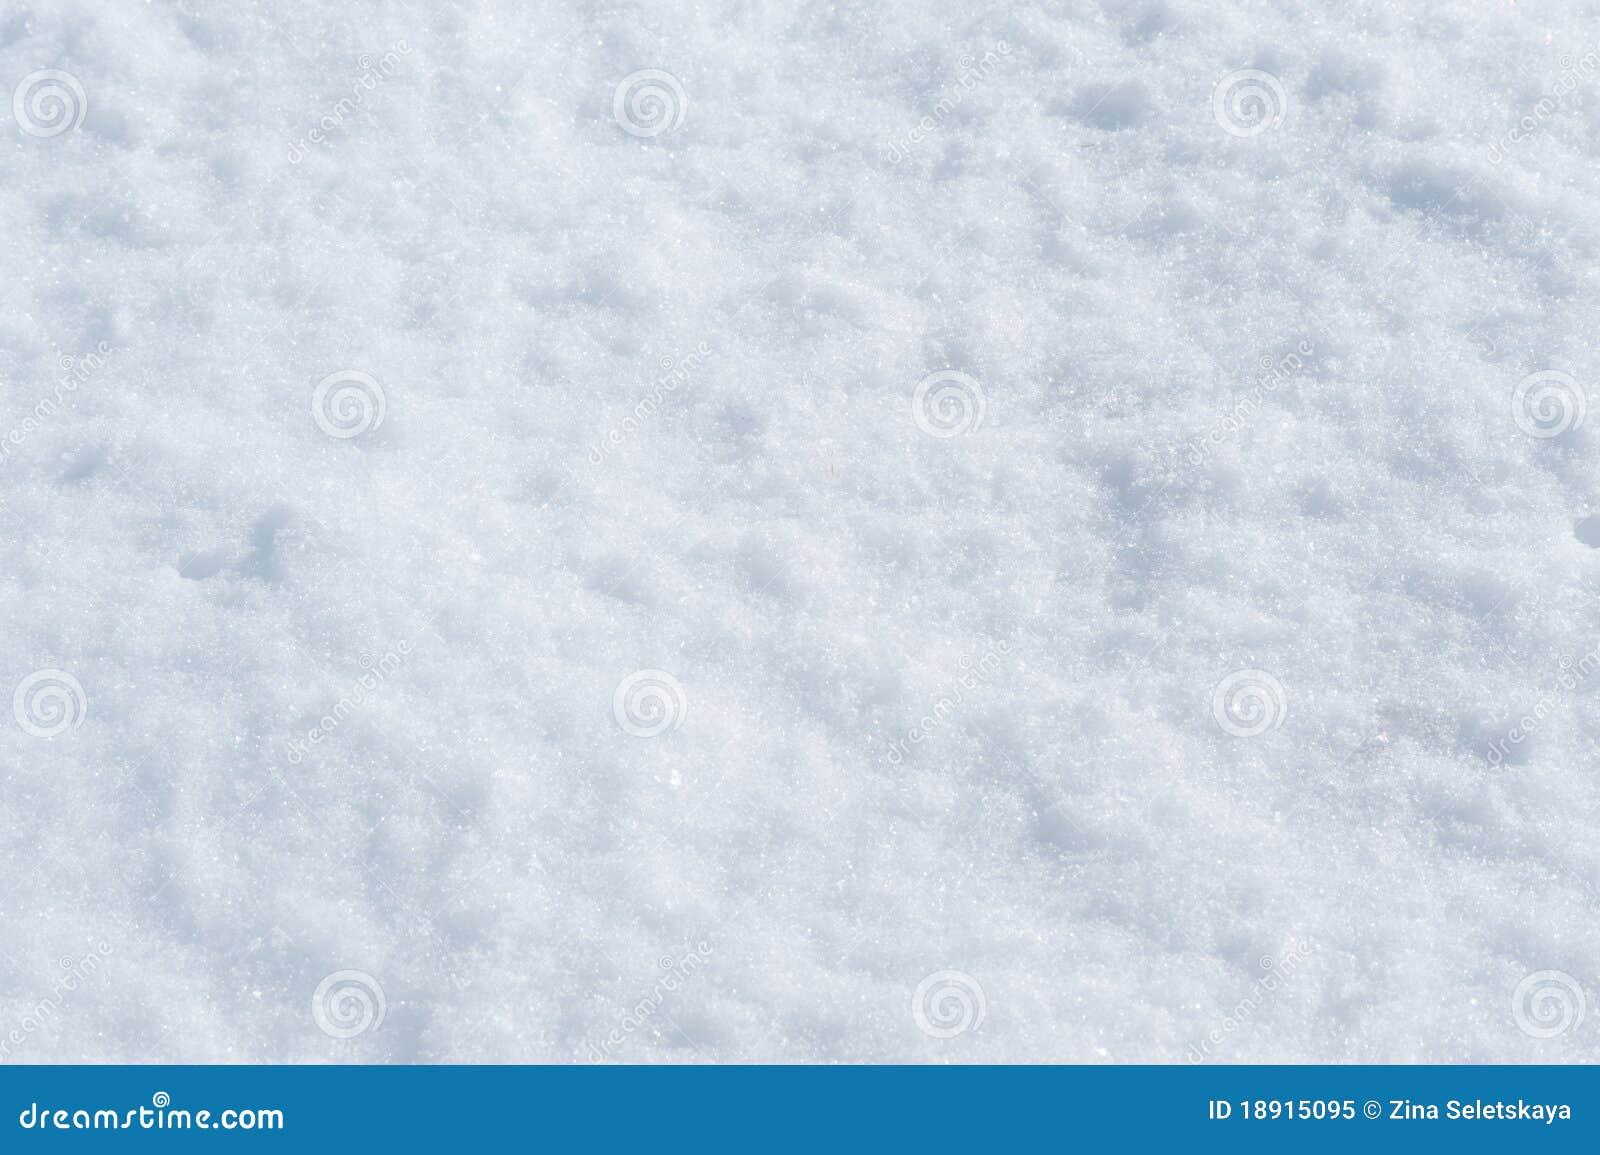 śnieżna tekstura